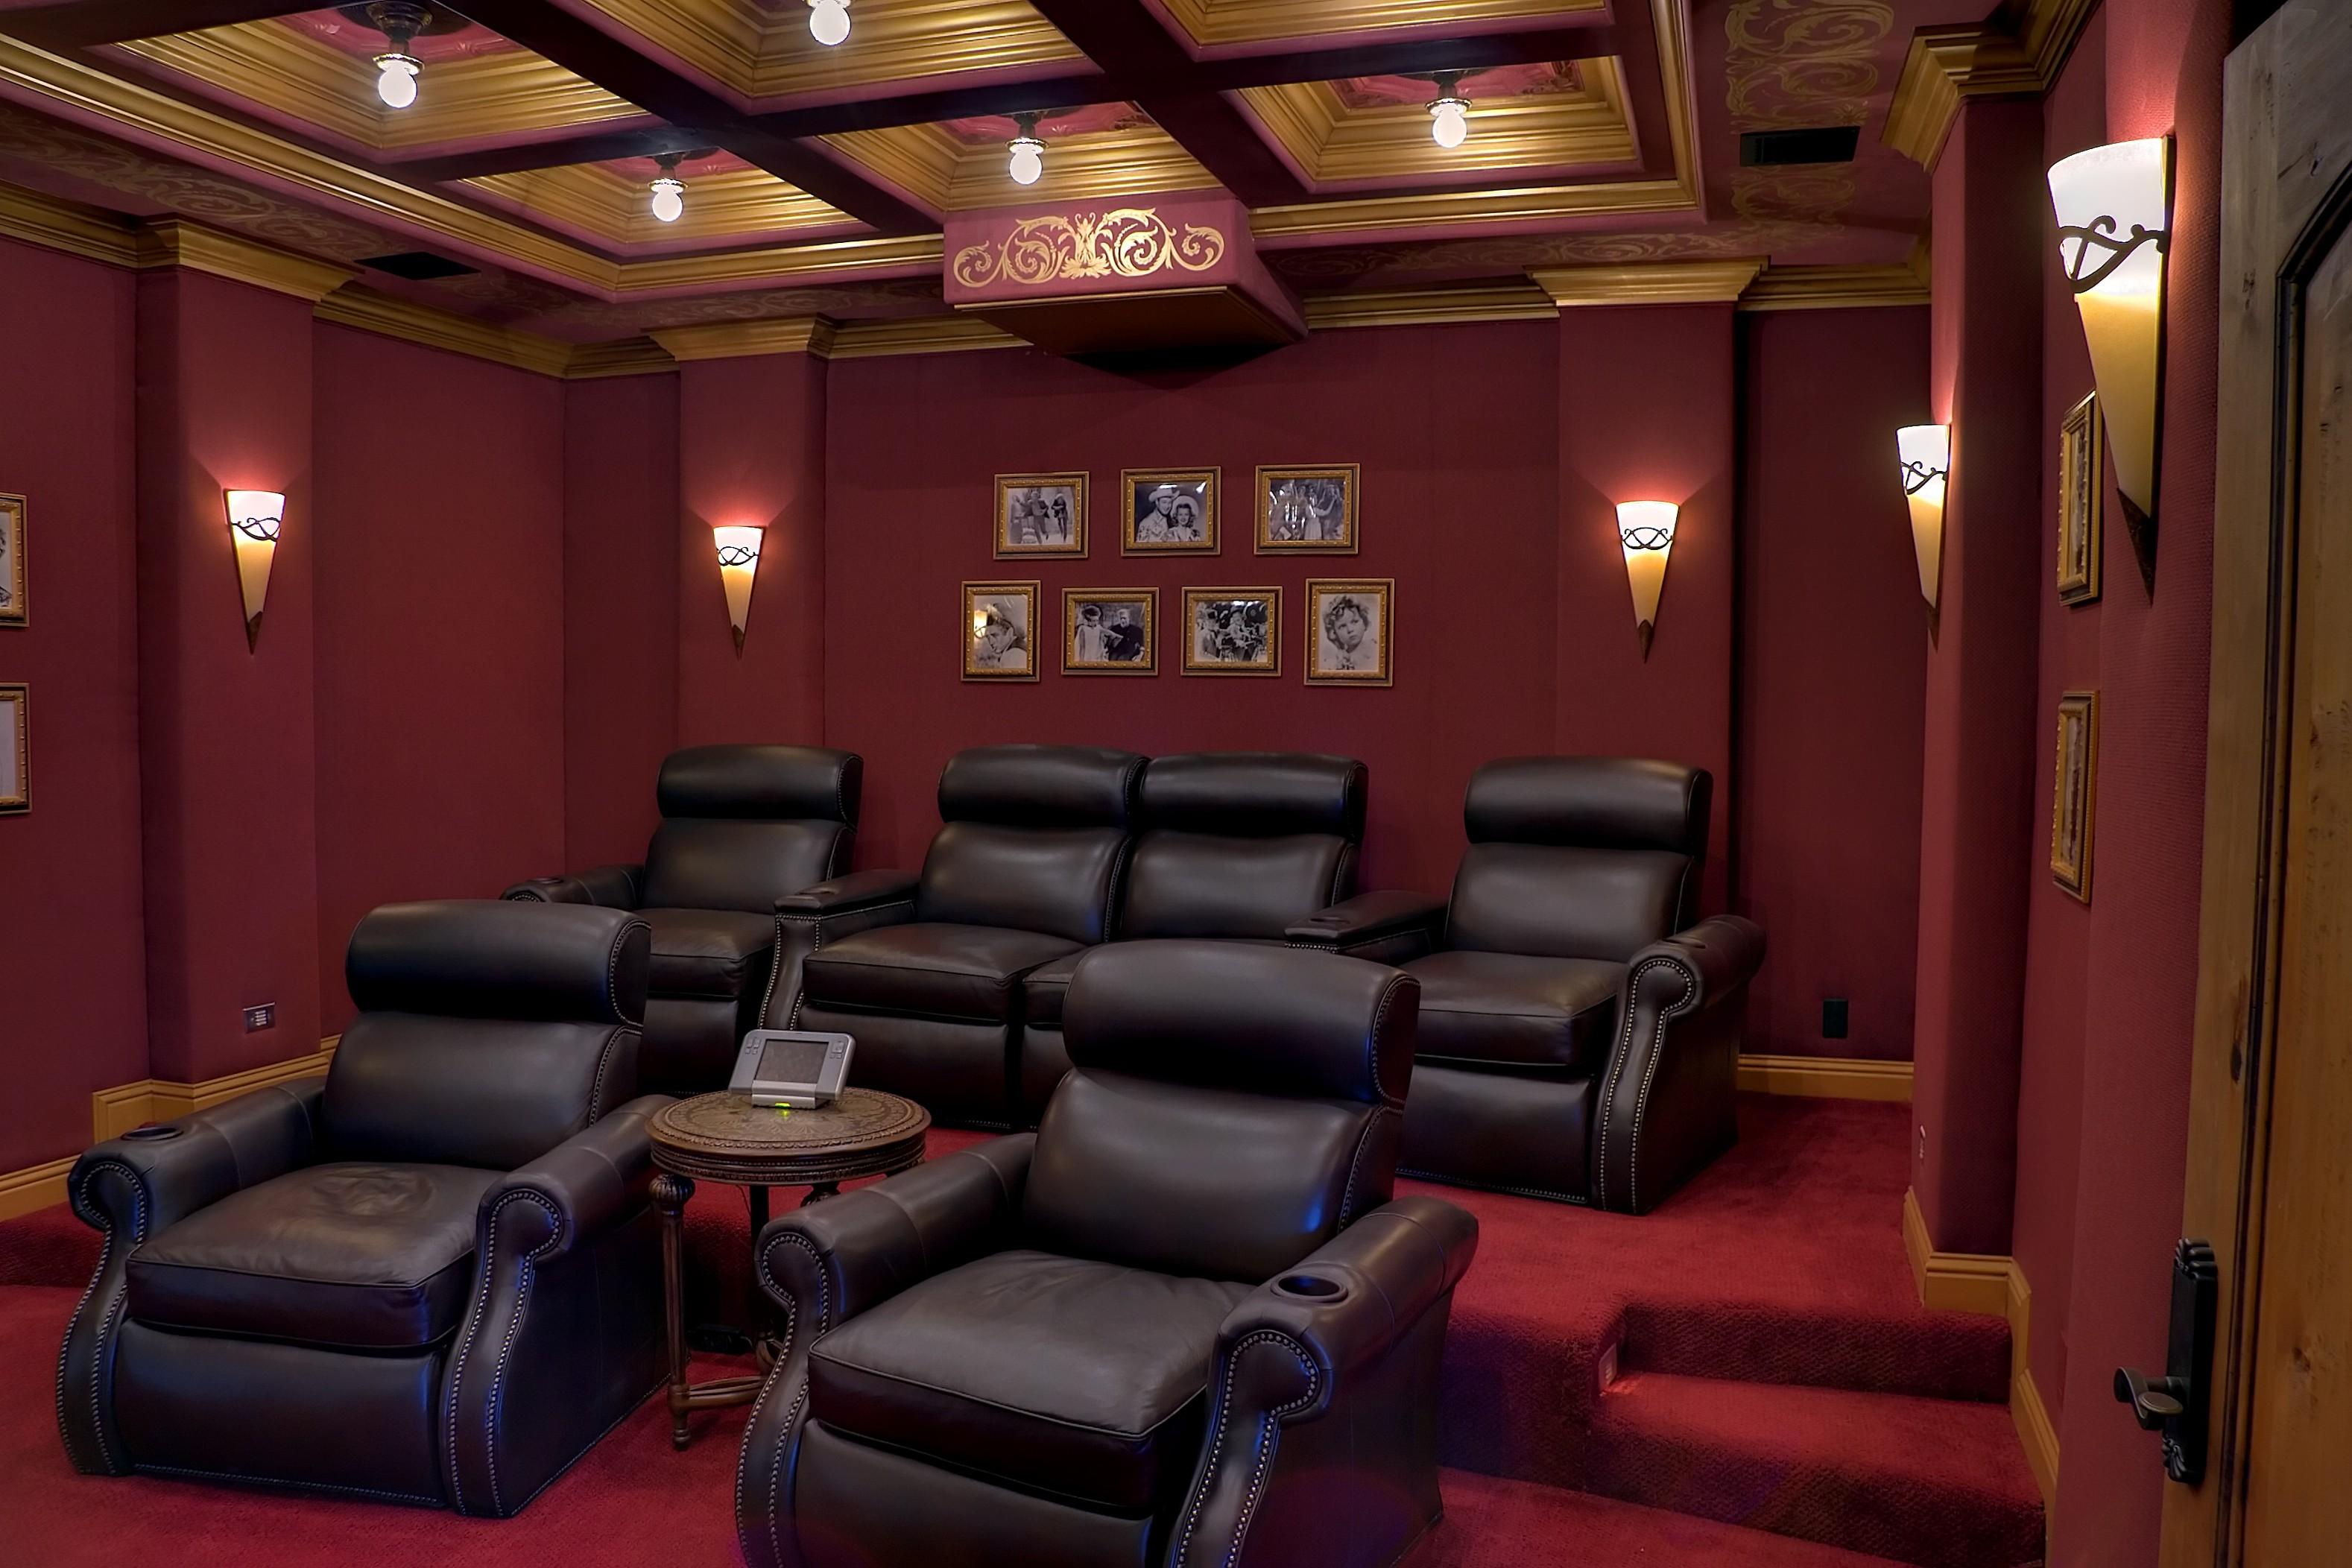 Media Room After